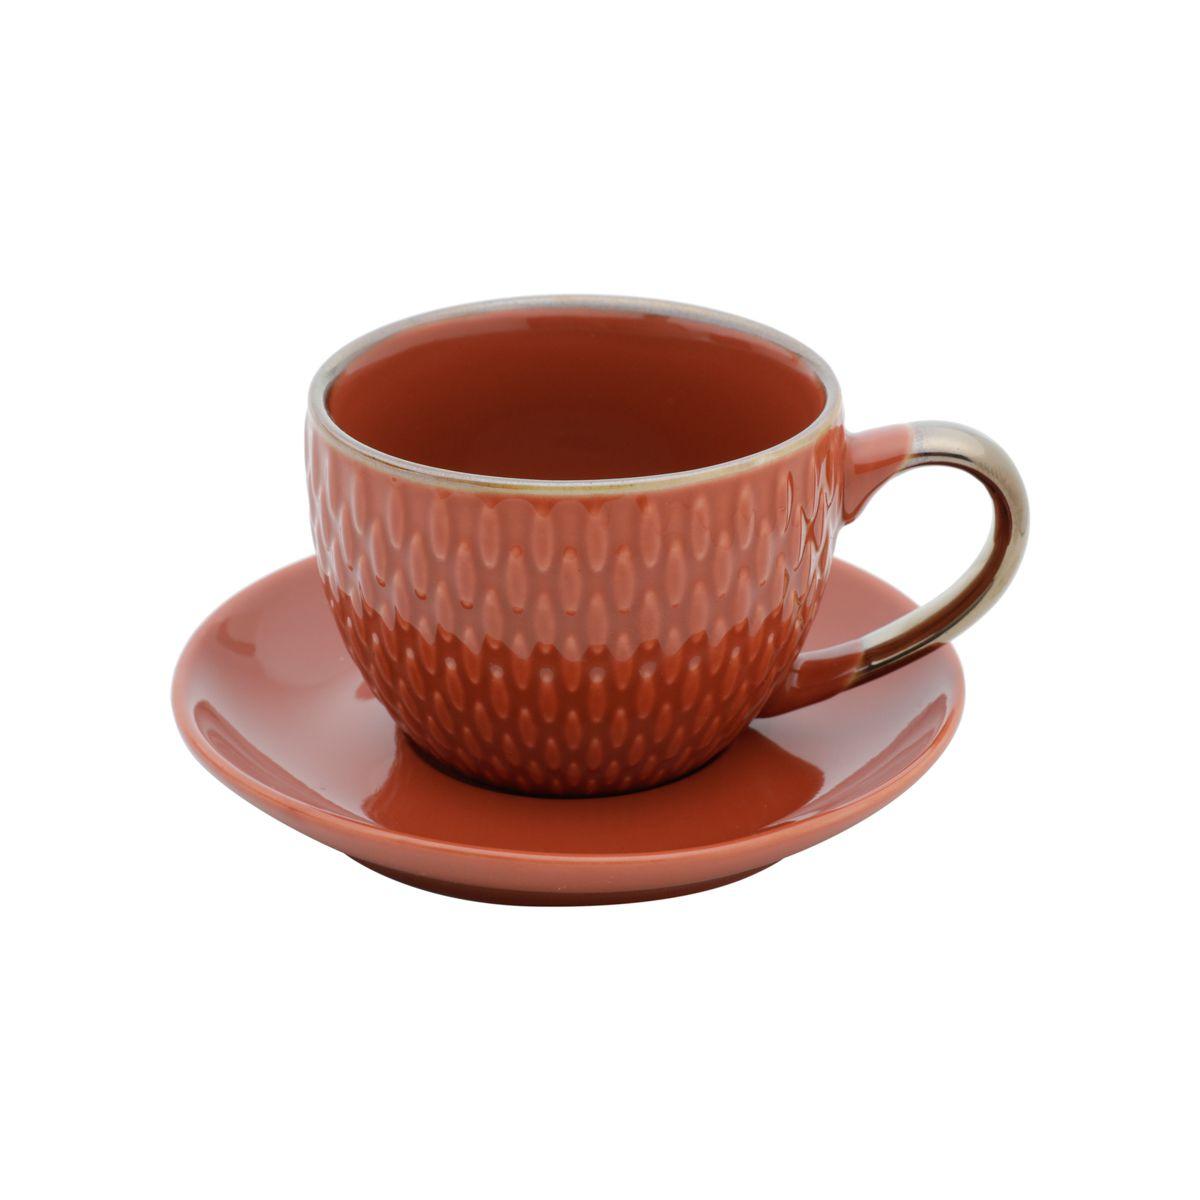 Jg 04 Xícaras de Café com Pires Laranja de Porcelana